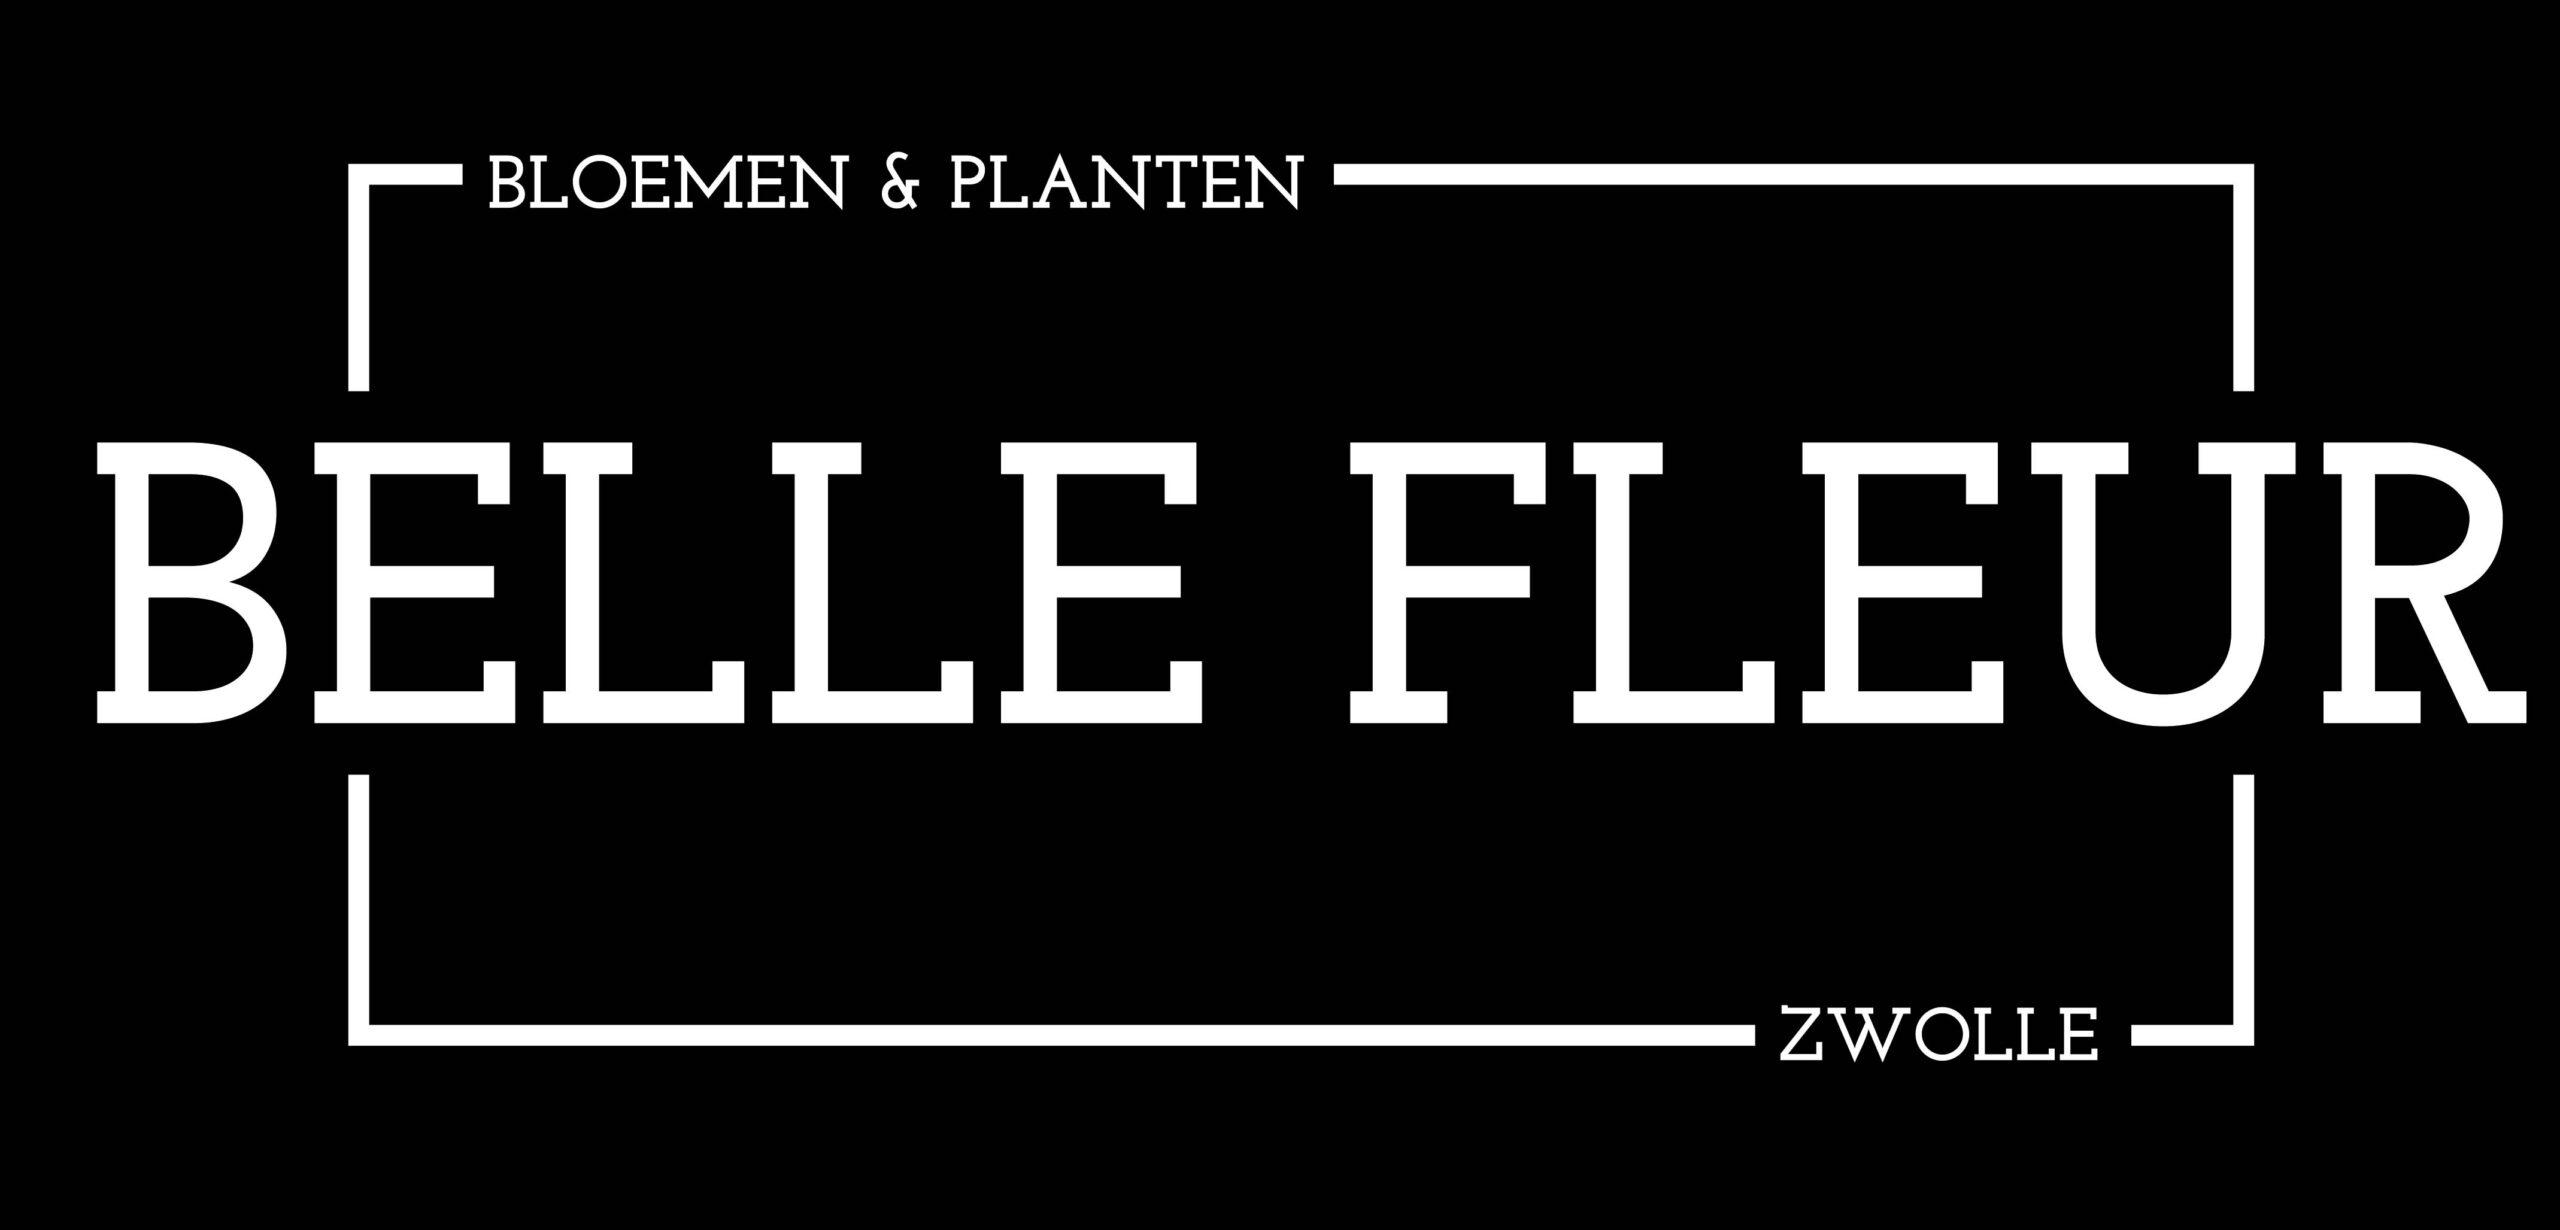 Belle Fleur Bloemen en Planten Zwolle. Bezorgen in heel Nederland